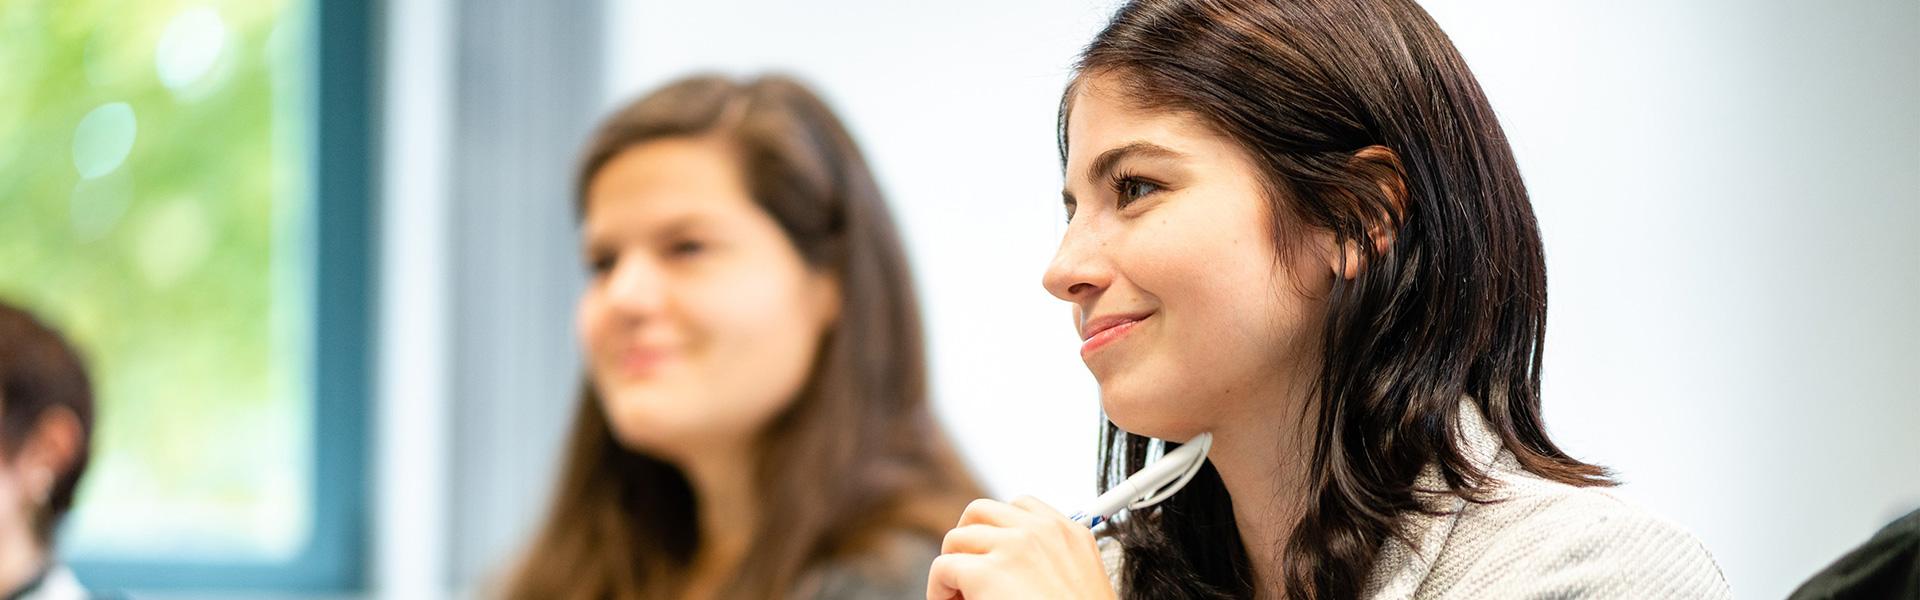 Master-Studium Kultur und Management in Görlitz: Zwei lächelnde junge Frauen, eine davon im Fokus.